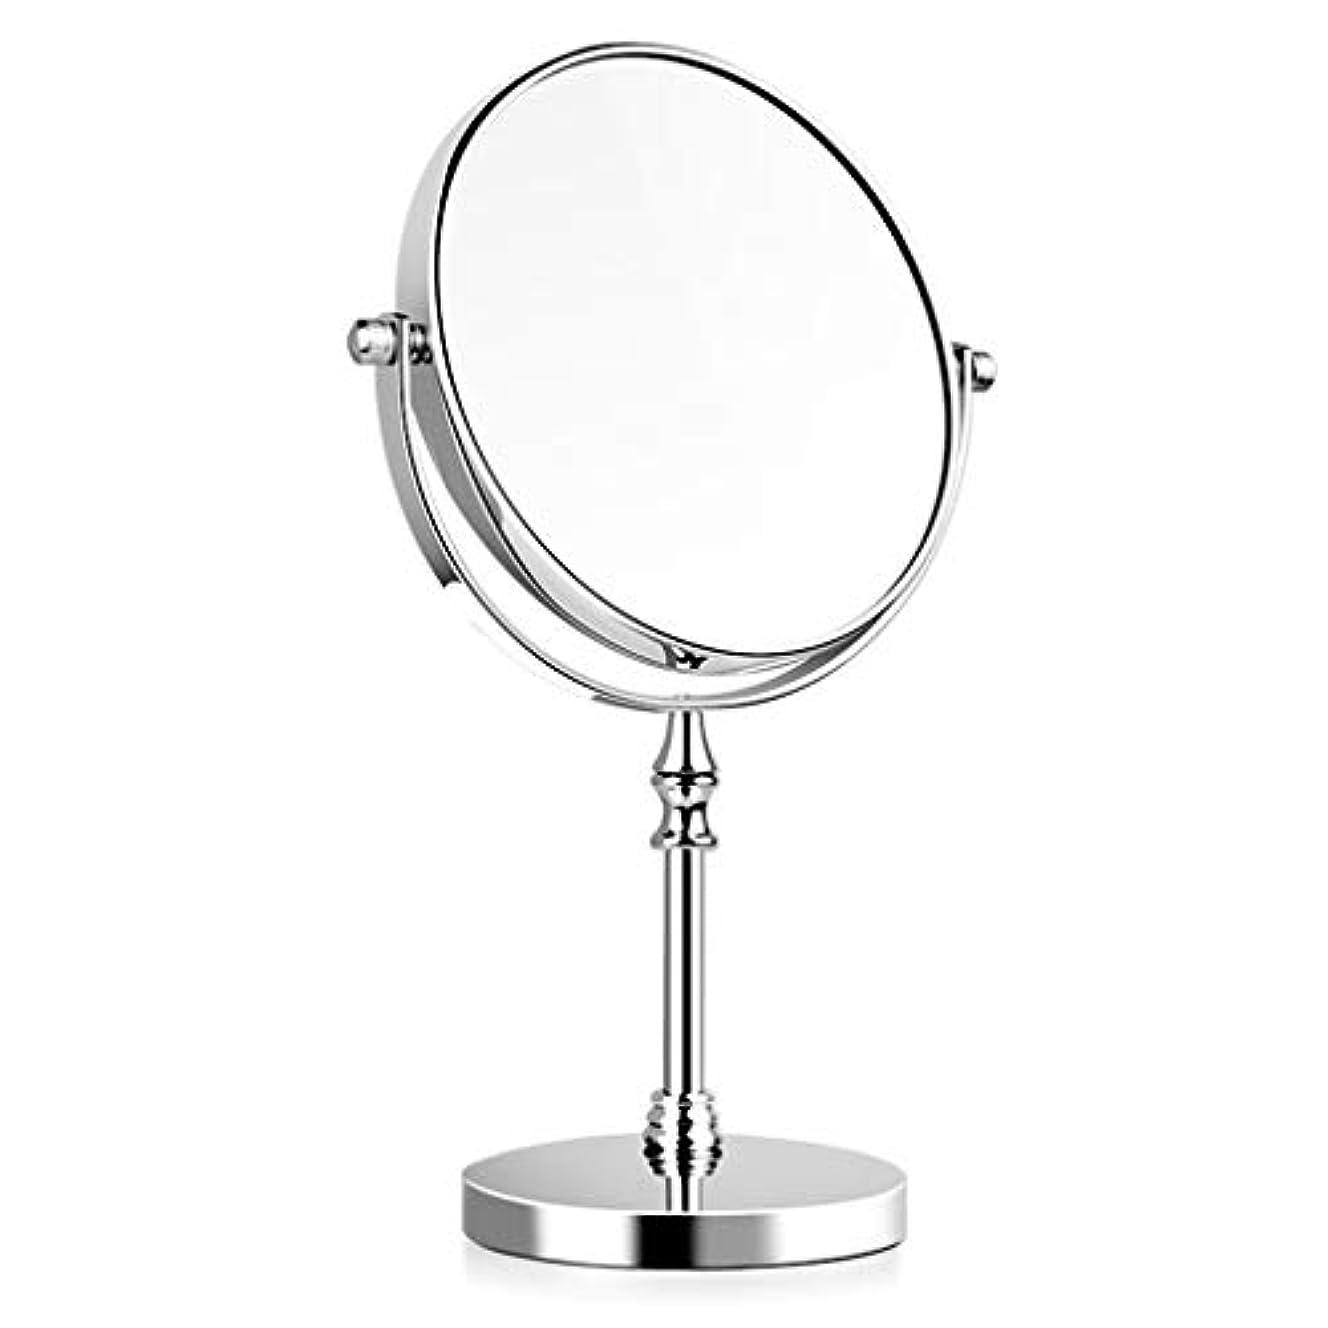 できるきしむ場合.化粧鏡 化粧鏡大型HD両面デスクトップ化粧鏡化粧鏡3倍倍率360°回転 ED化粧鏡1倍/ 2倍/ 3倍/ 5倍/ 10倍拡大鏡ポ